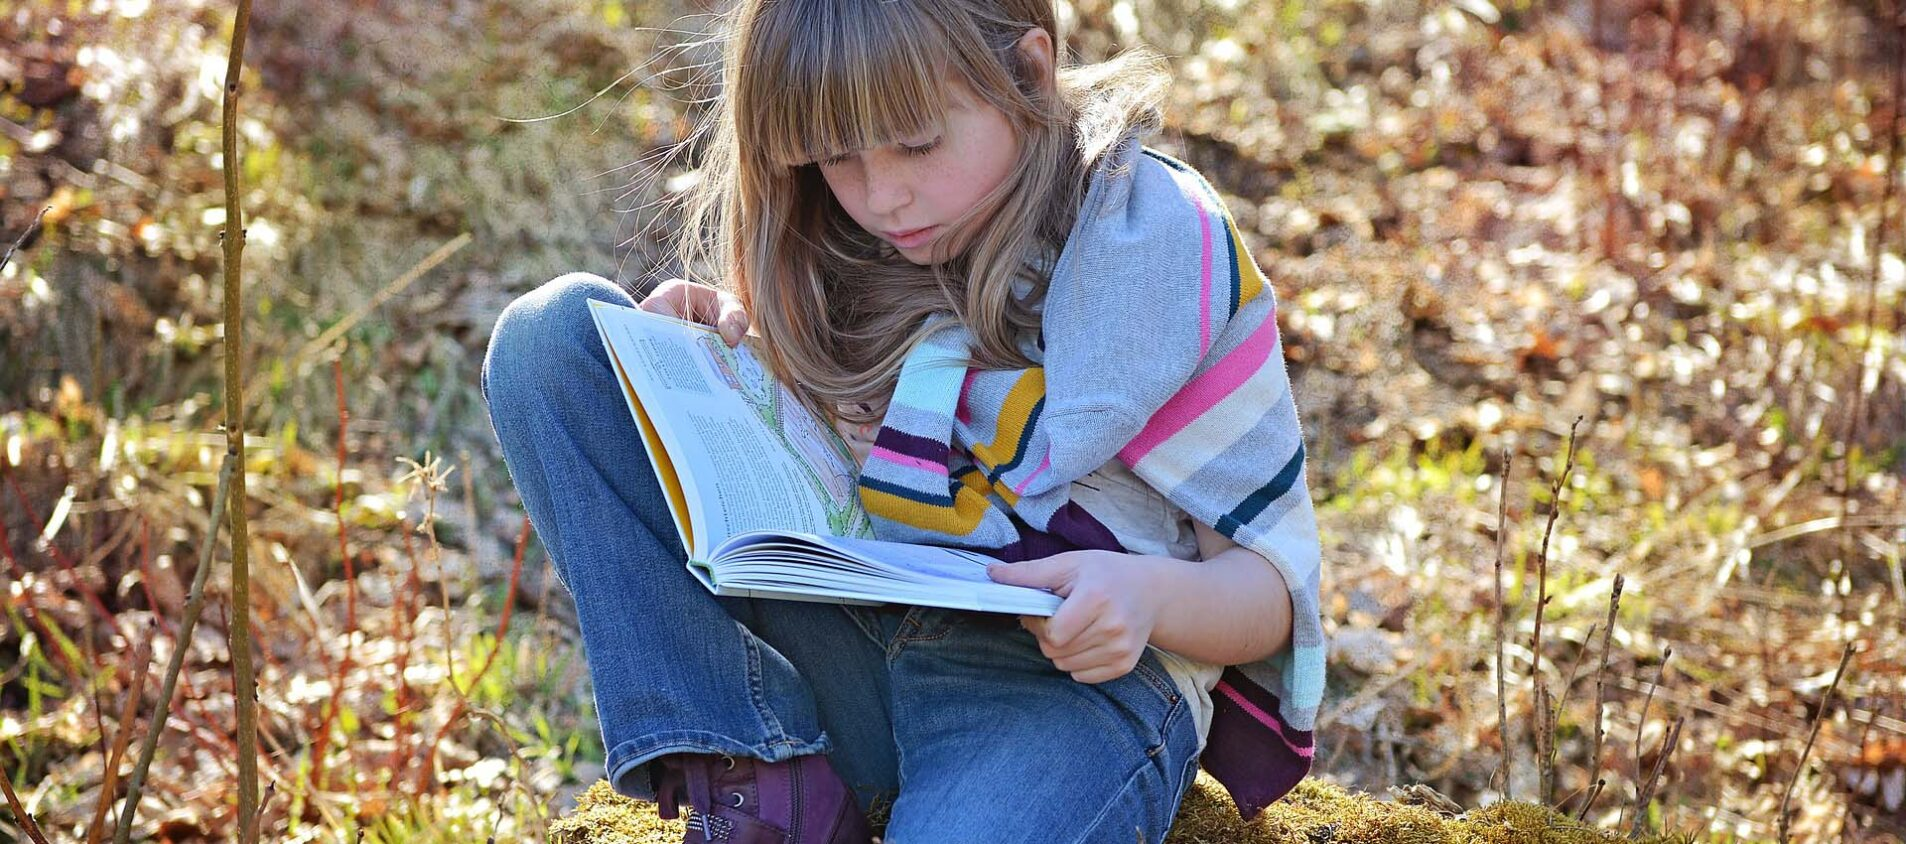 Flicka sitter i naturen och läser en bok.